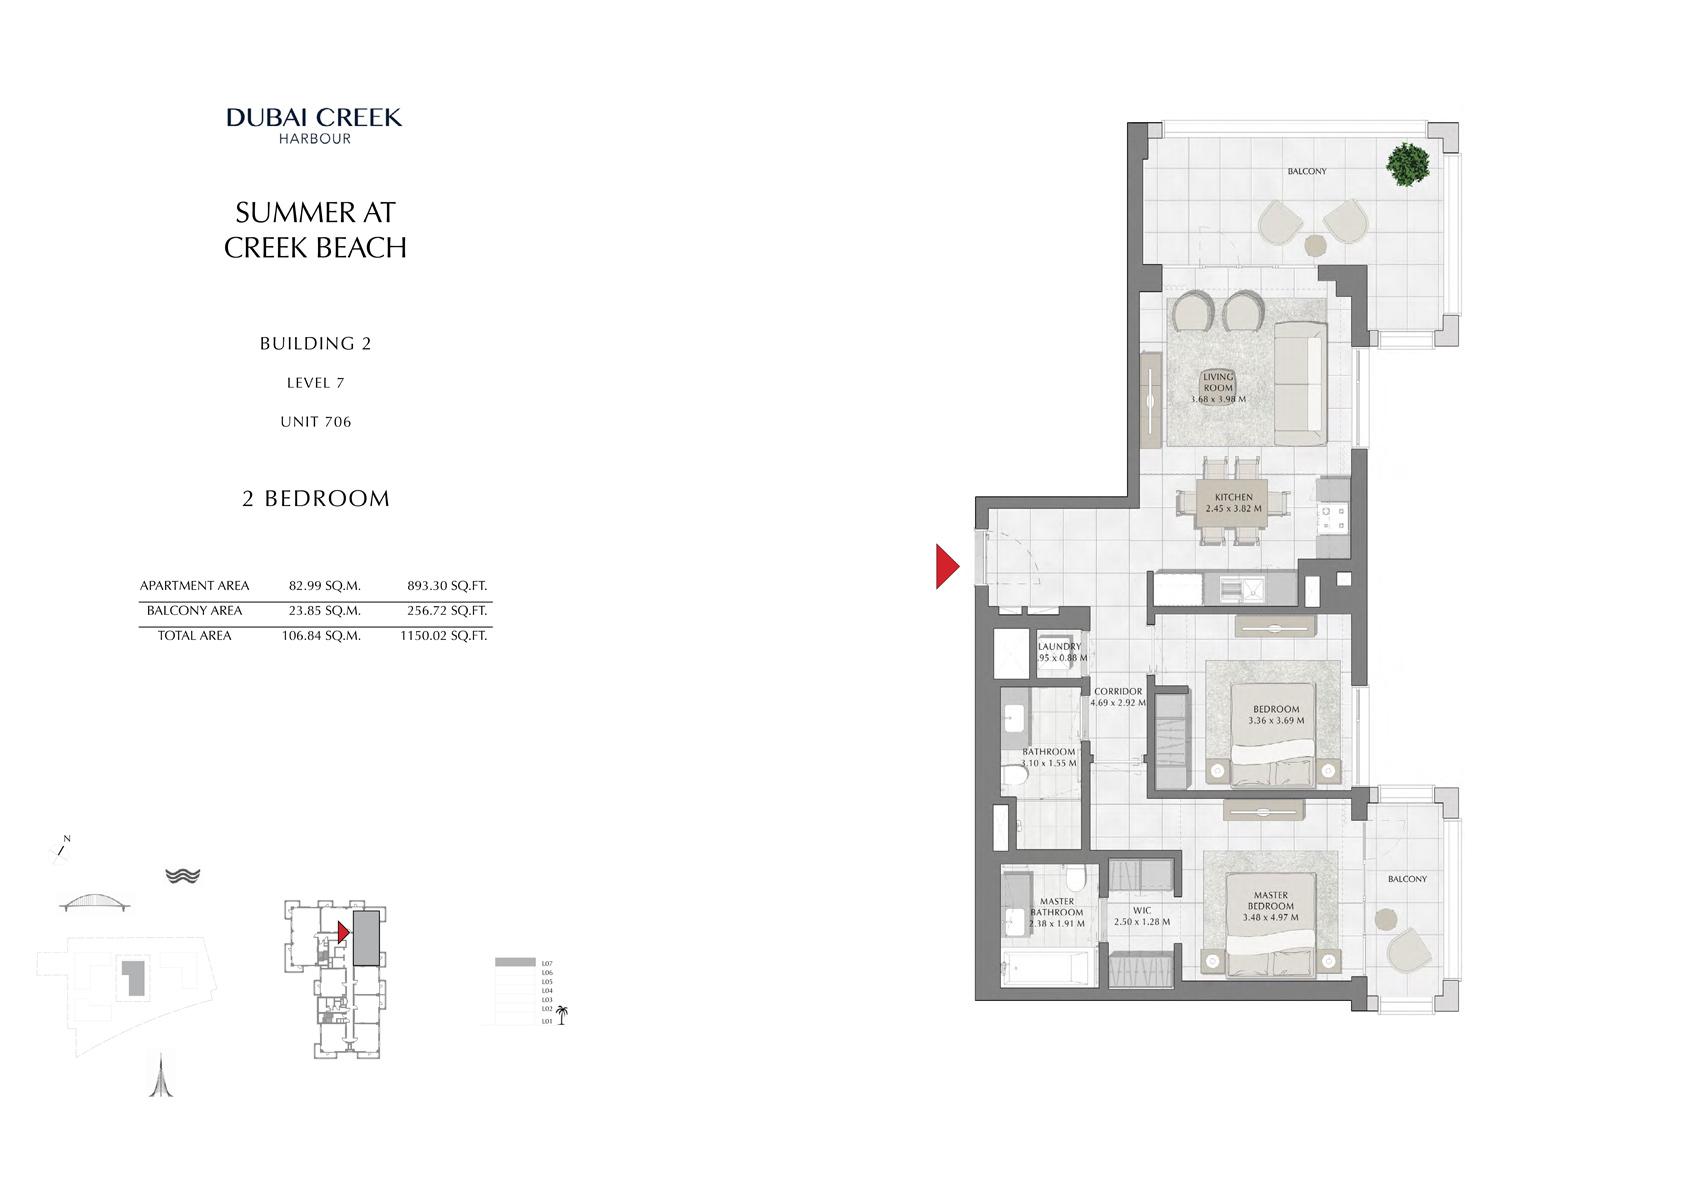 2 Br Building 2 Level 7 Unit 706, Size 1150 Sq Ft